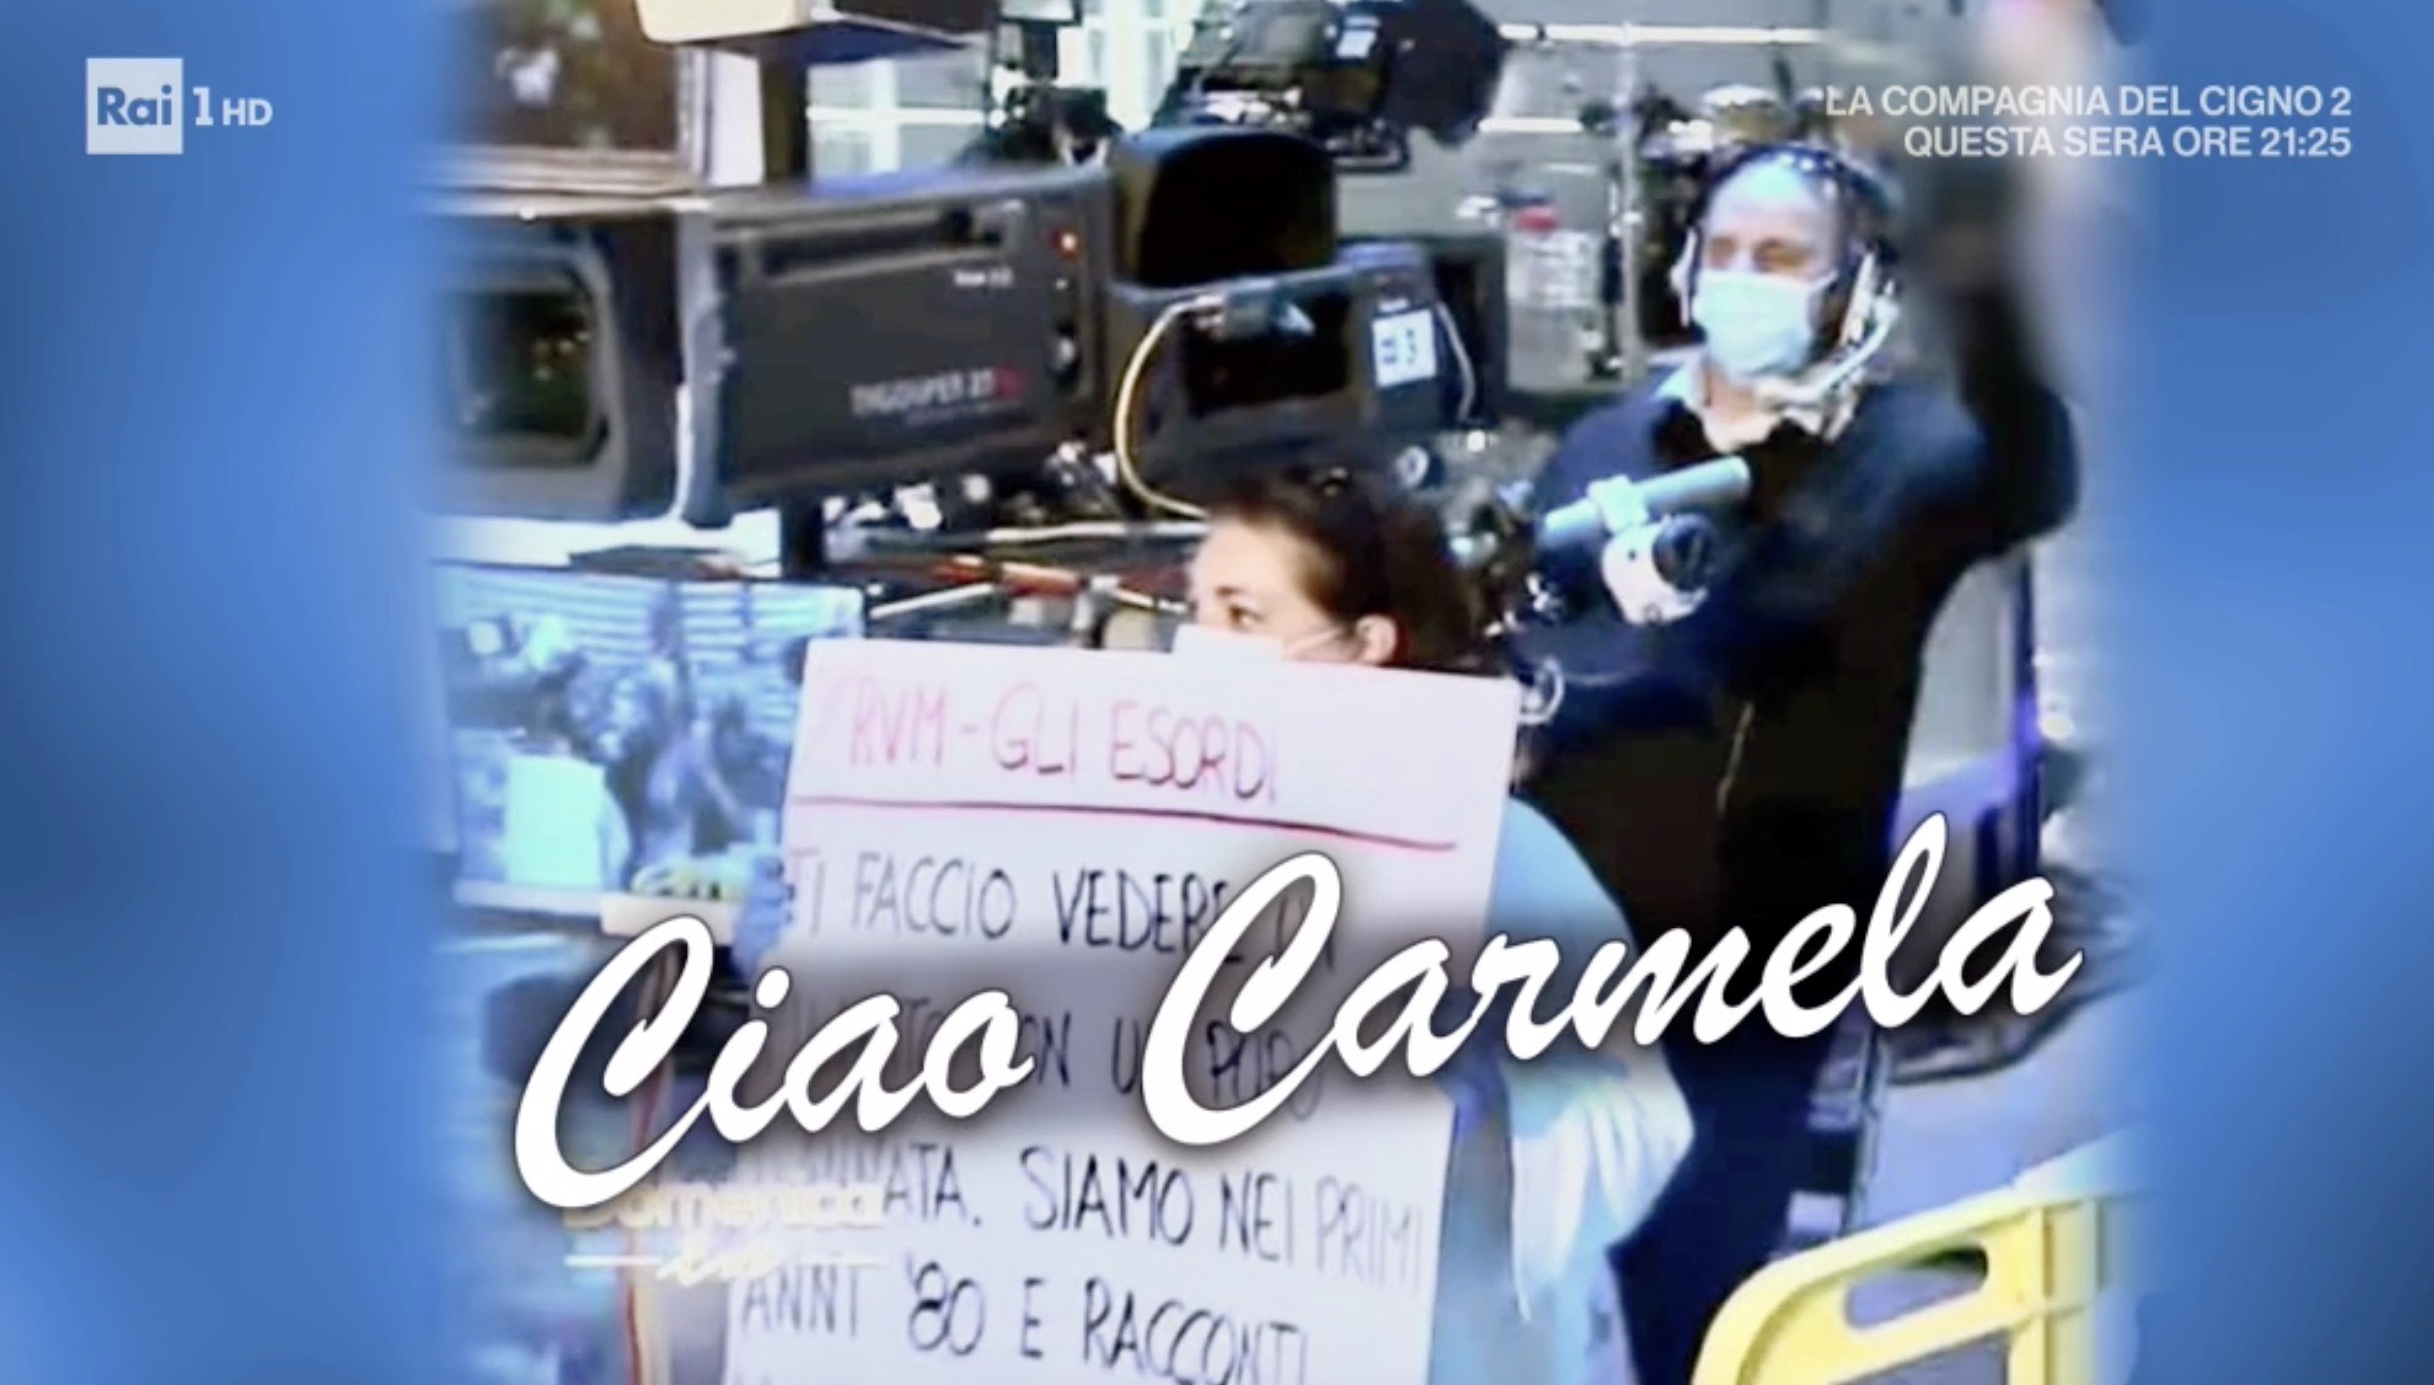 Mara Venier in lacrime per la morte della collaboratrice Carmela, malata di  Covid